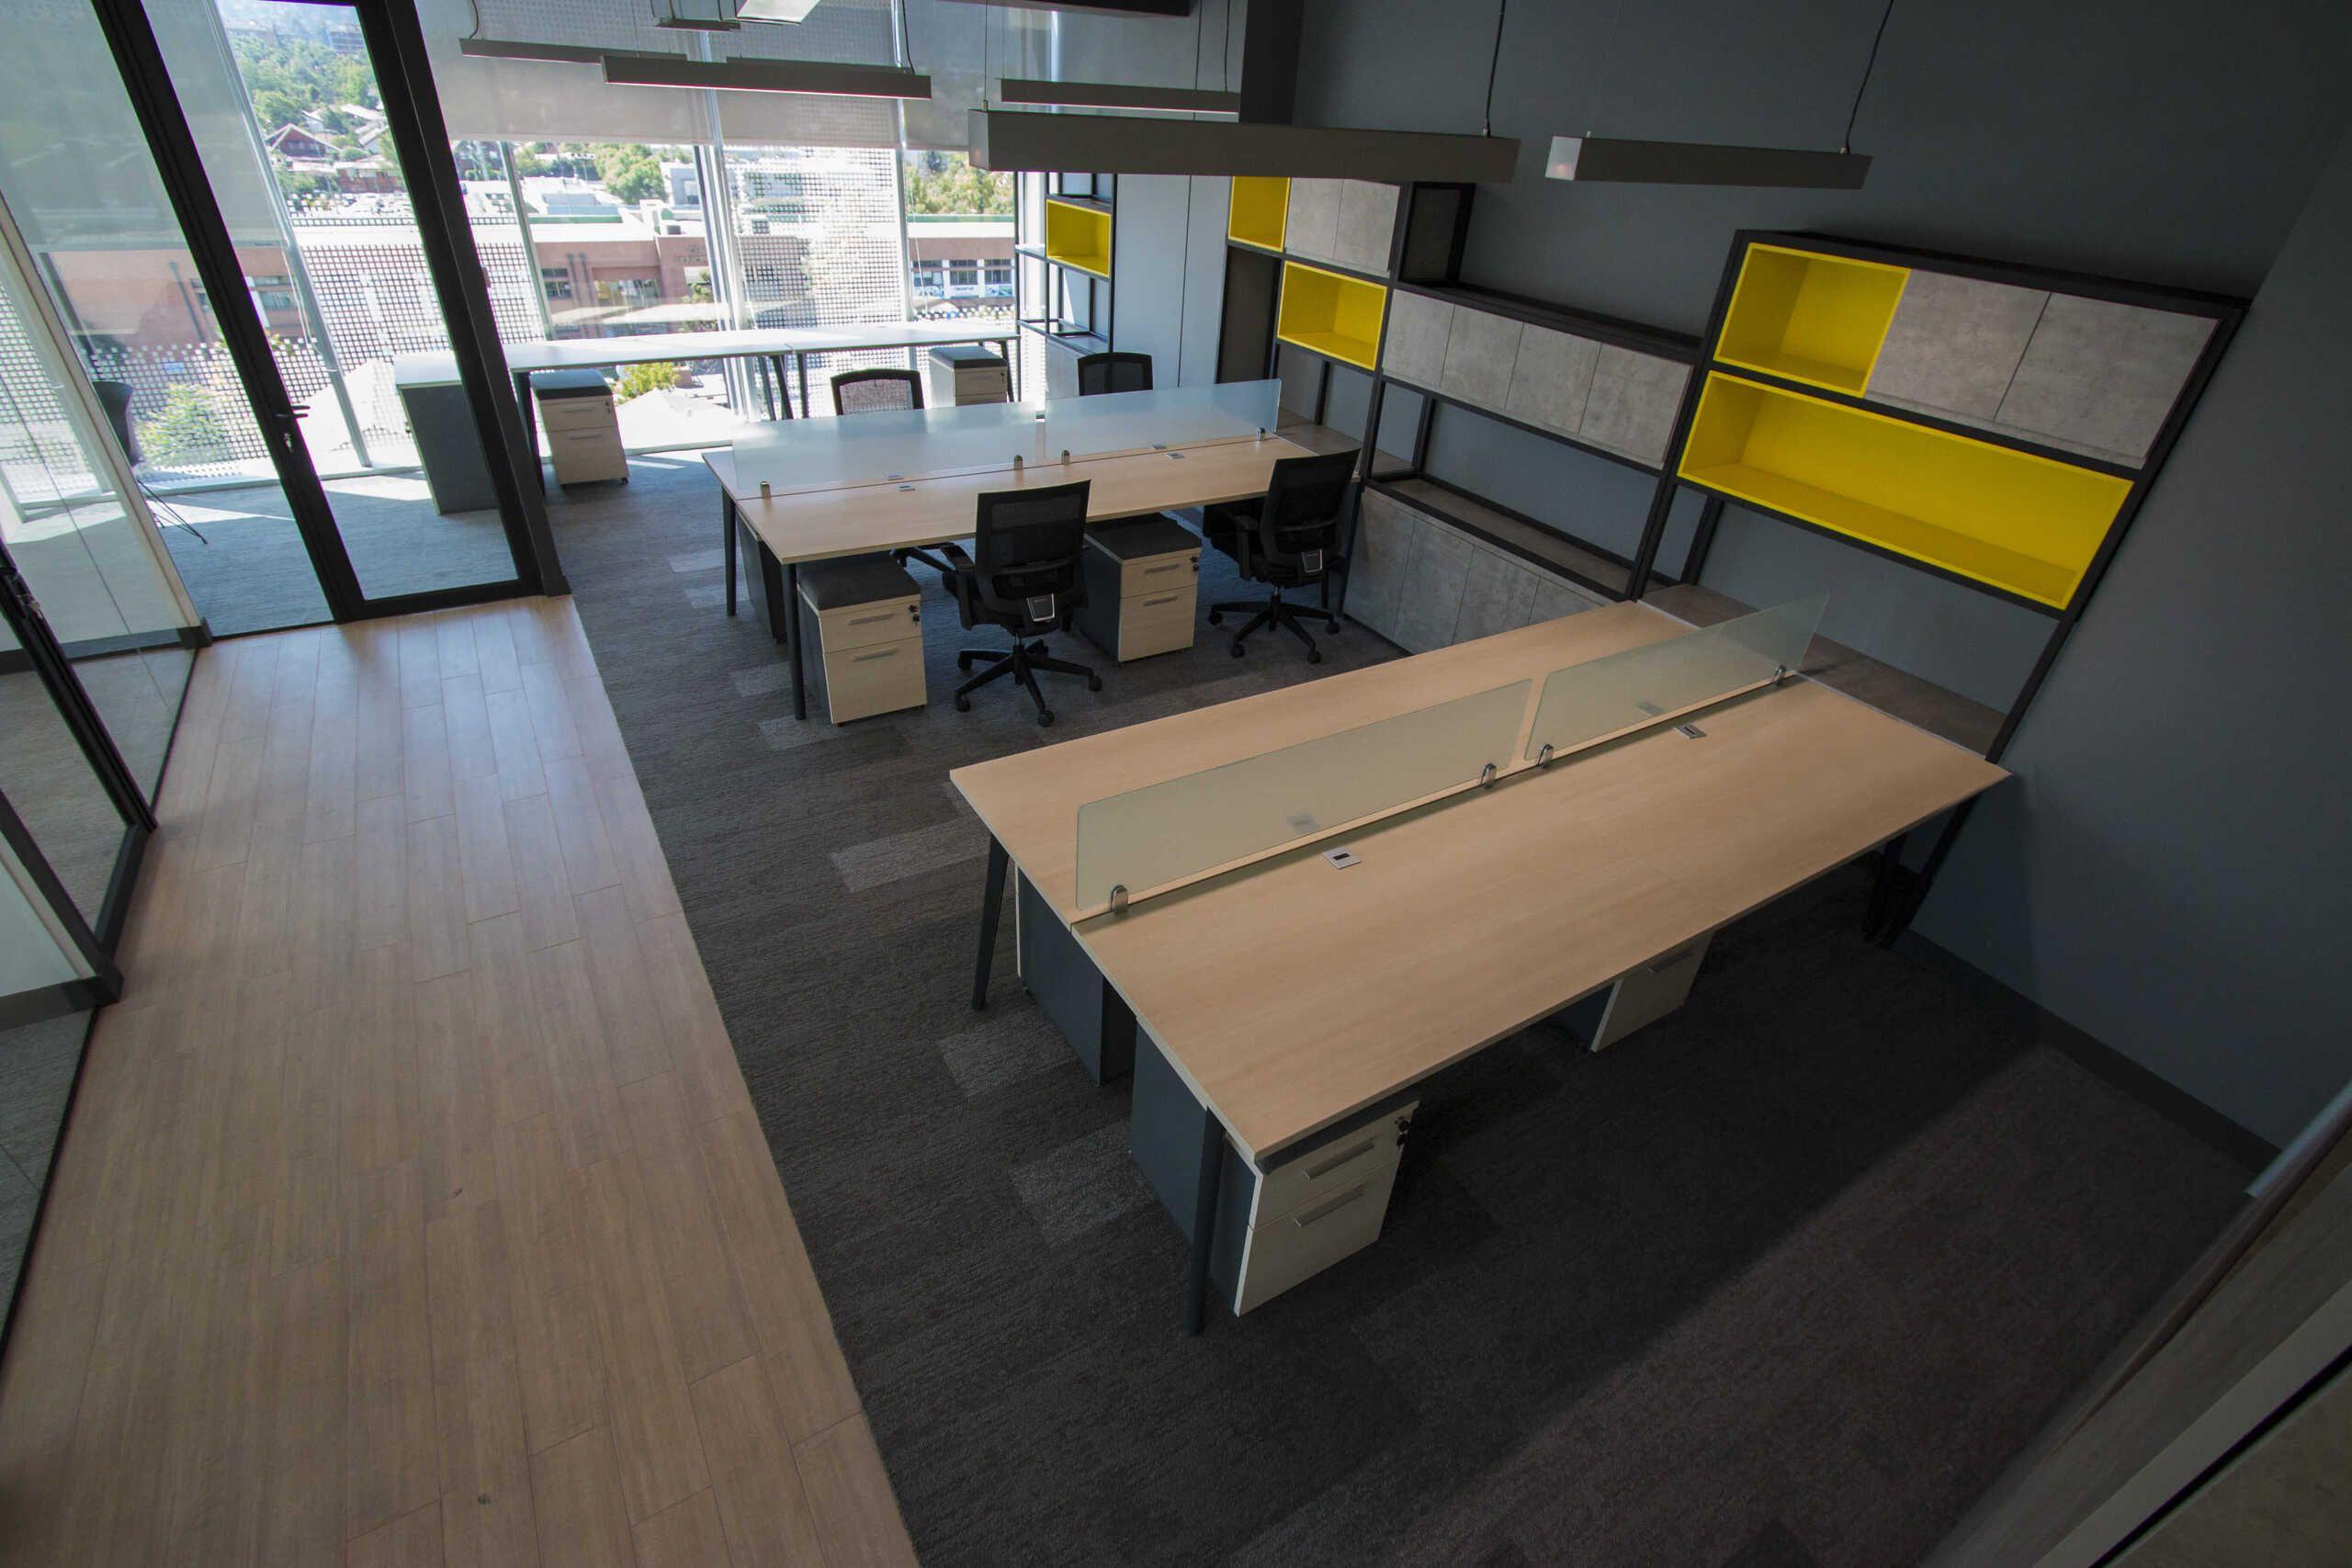 A3 muebles de oficina escritorios bench Santiago, Chile